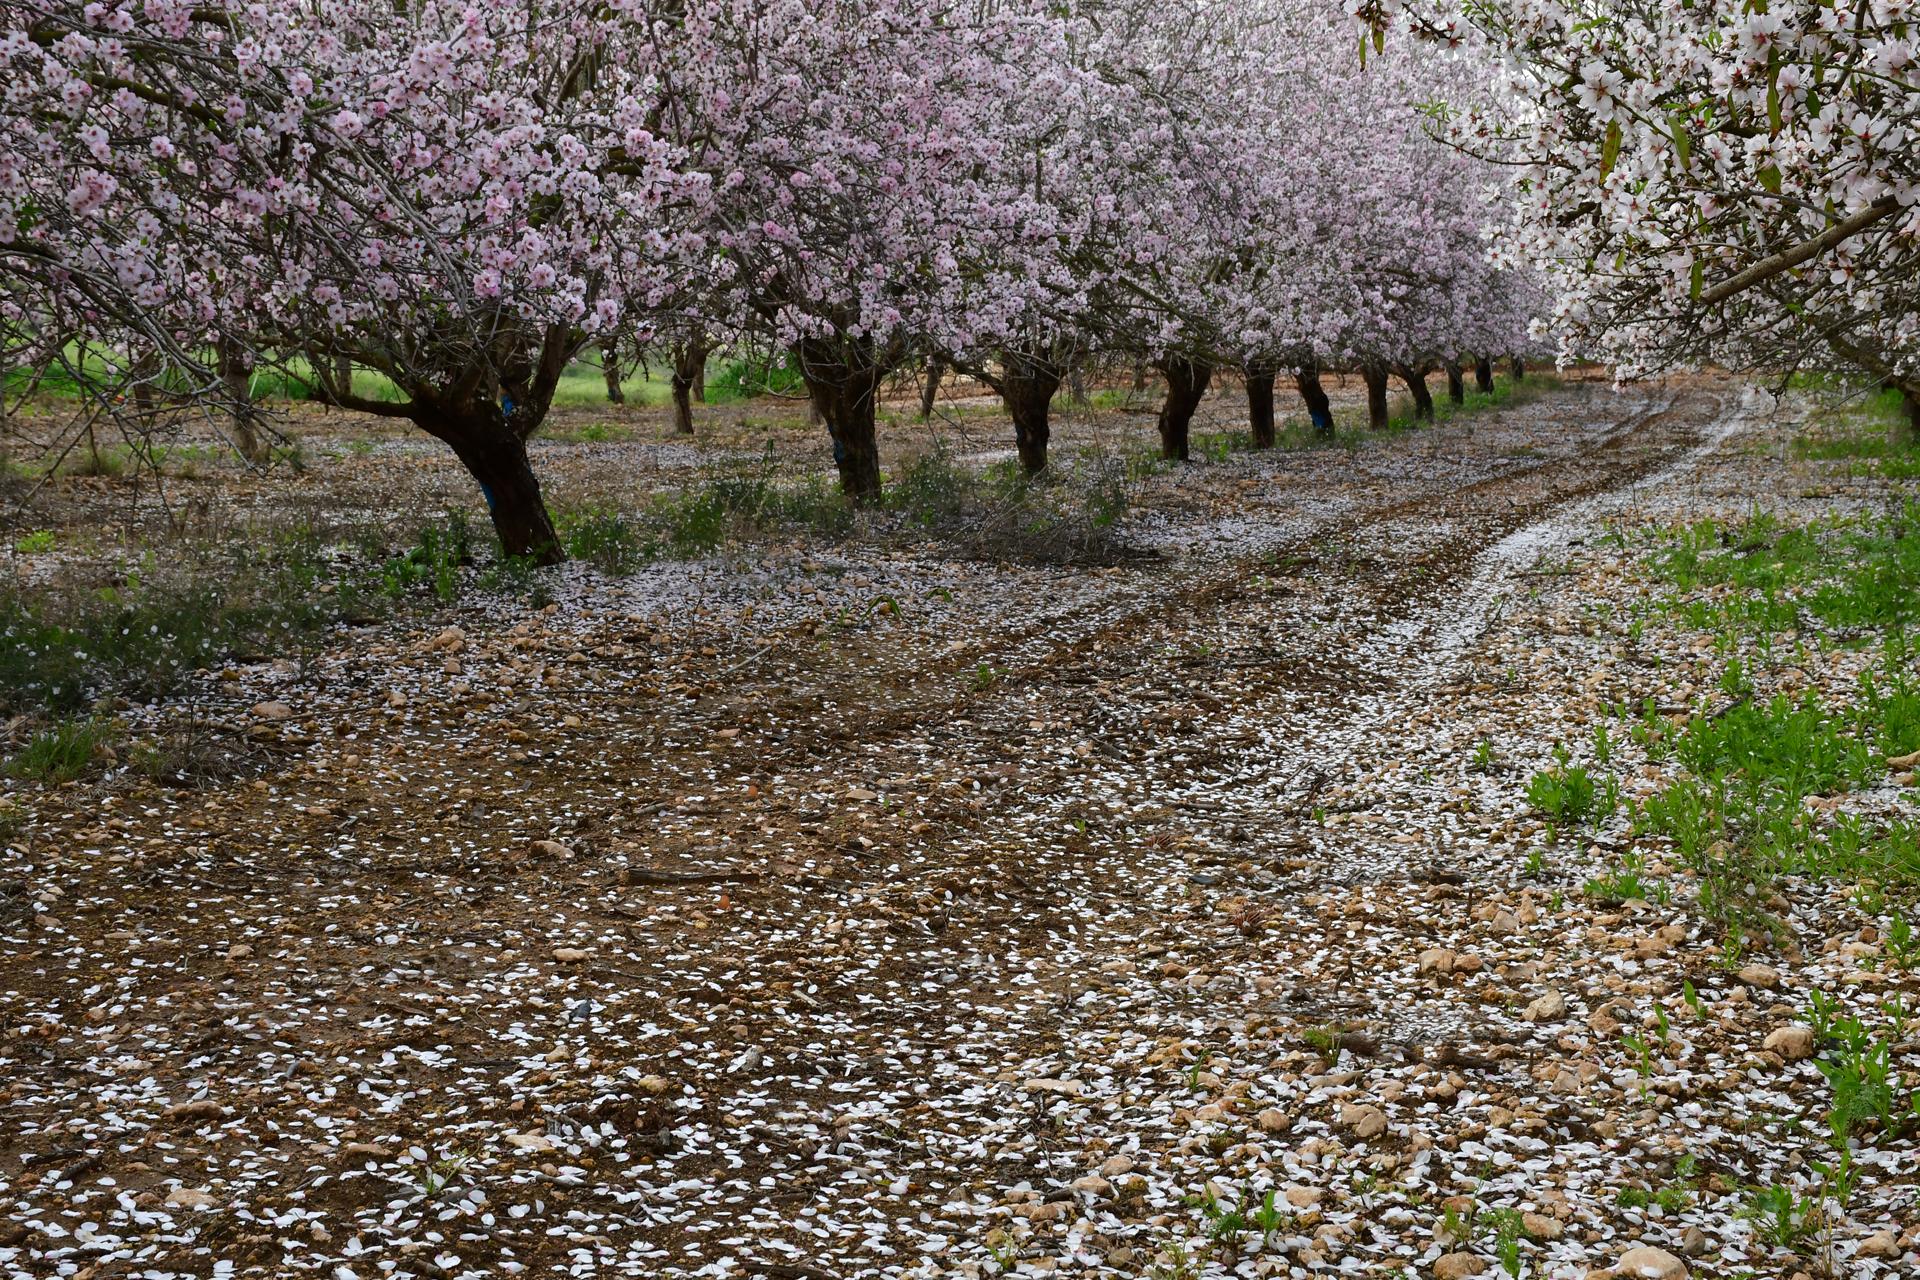 יואל שתרוג - אדמה יוצרת - yoel sitruk- אביב - פריחות - שקד - צילום בטבע - מאקרו